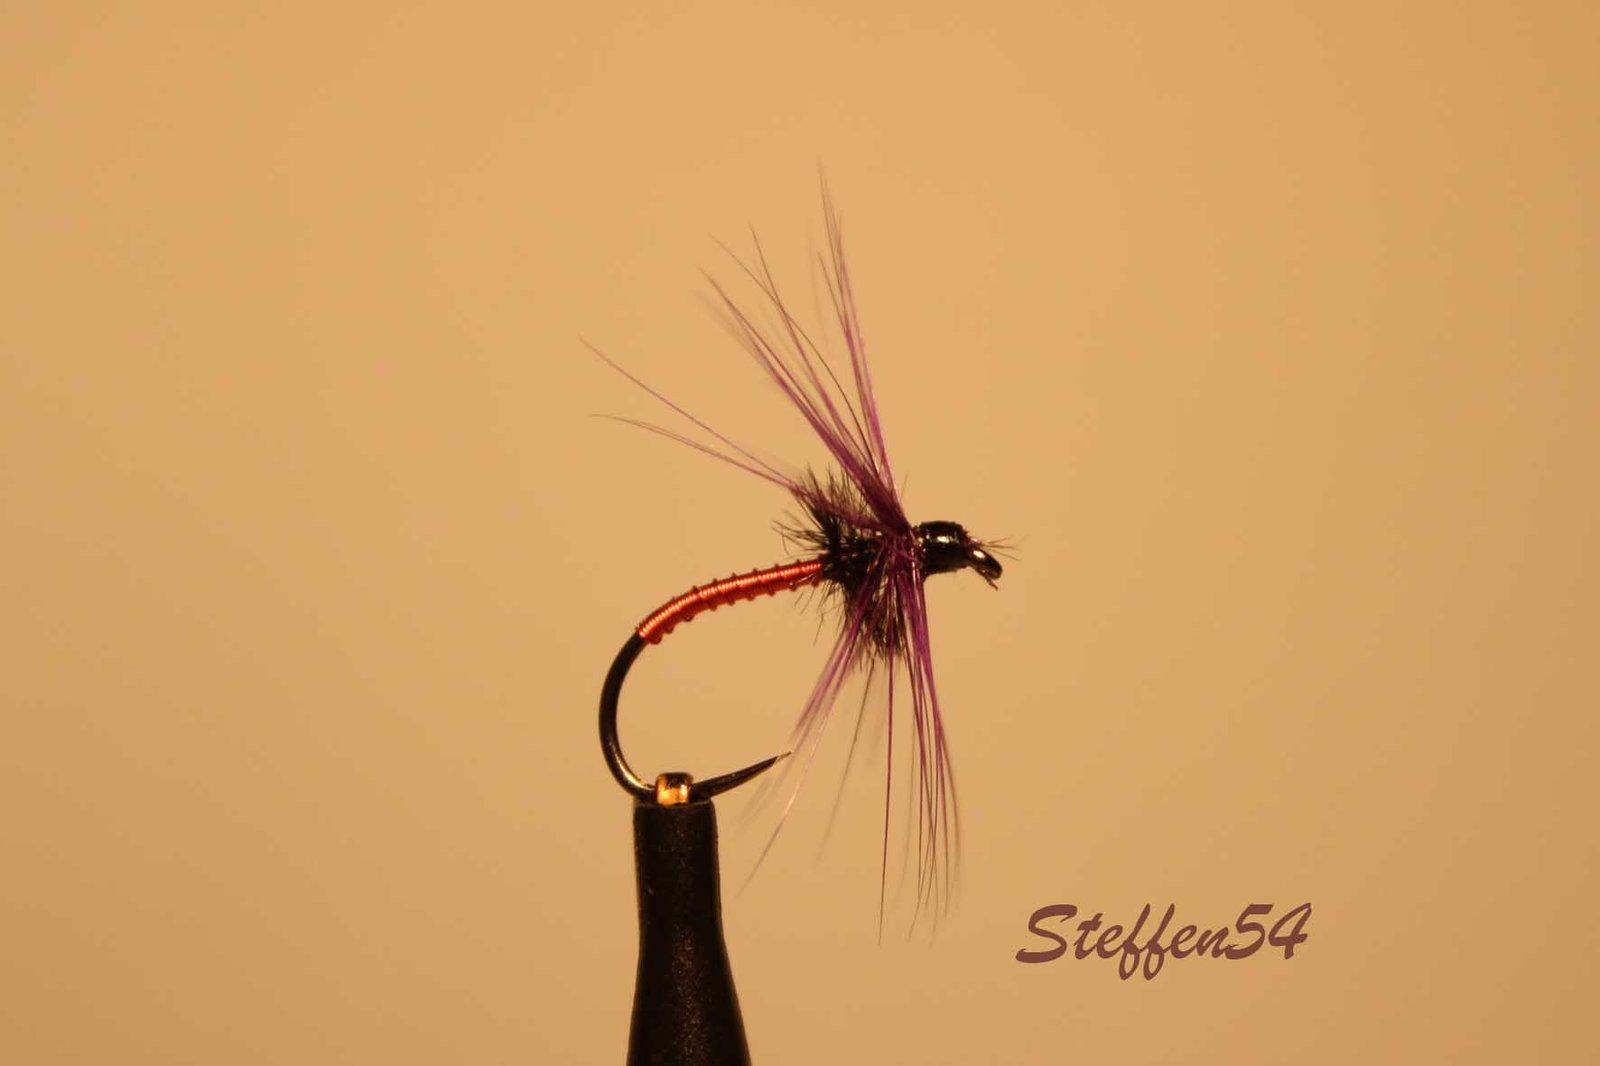 Steffen54_IMG_1769.jpg